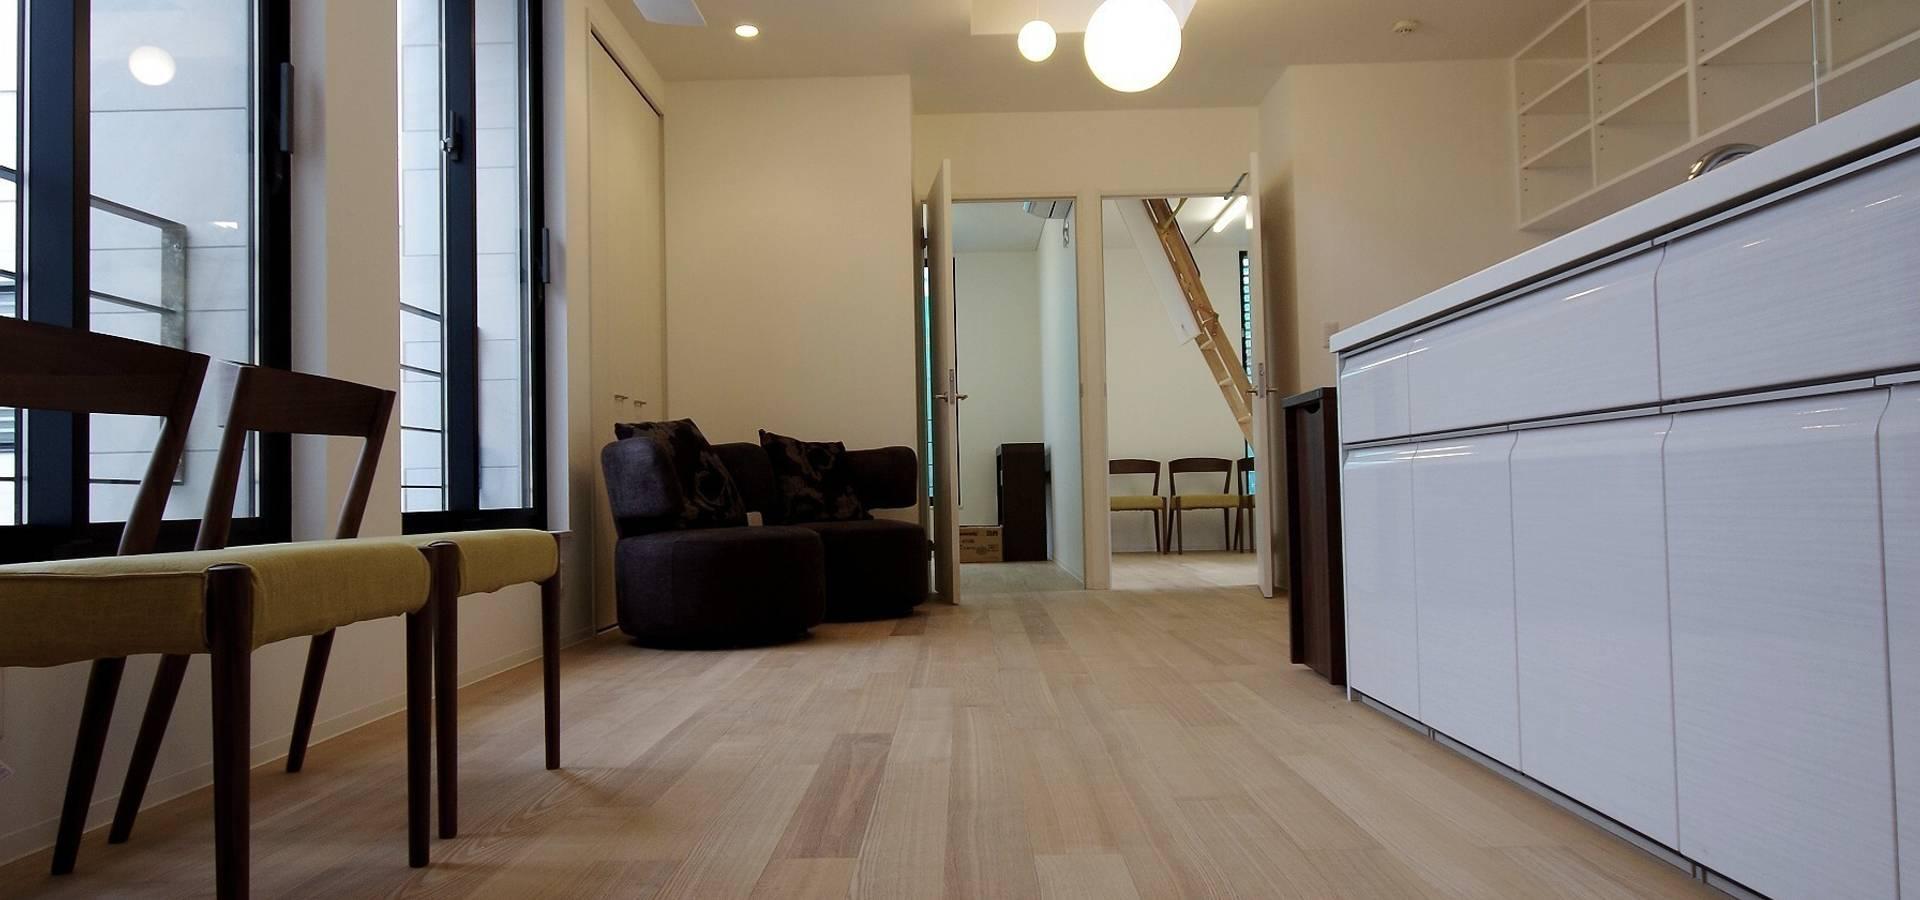 ディーフォーエム建築設計事務所/D4m architect office